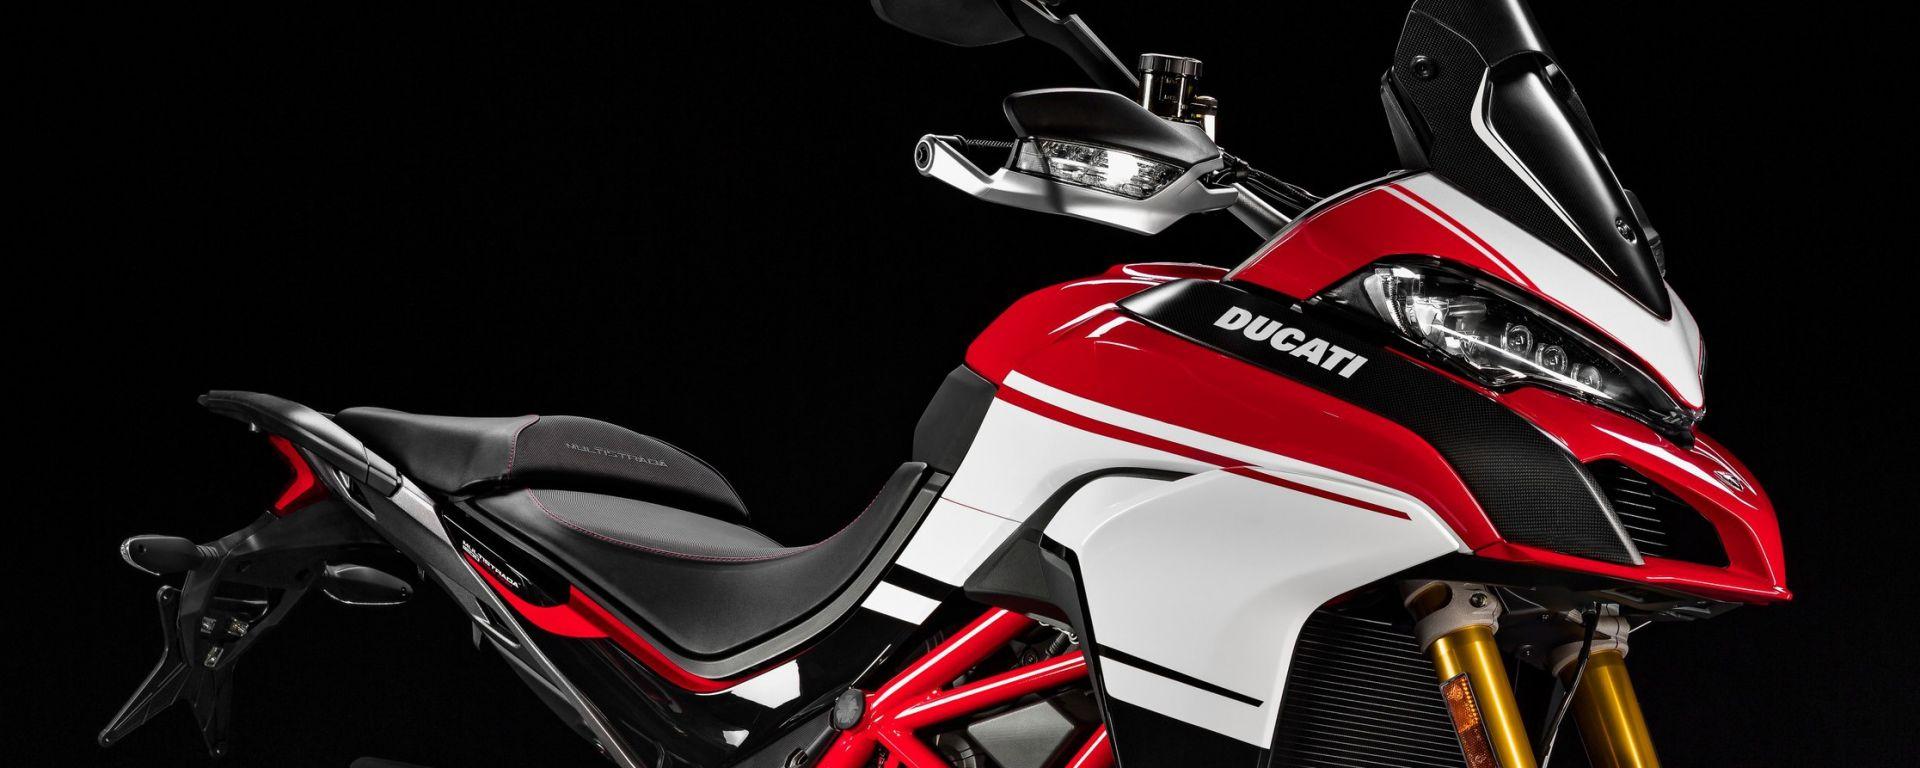 Ducati Multistrada 1200 Pikes Peak 2016